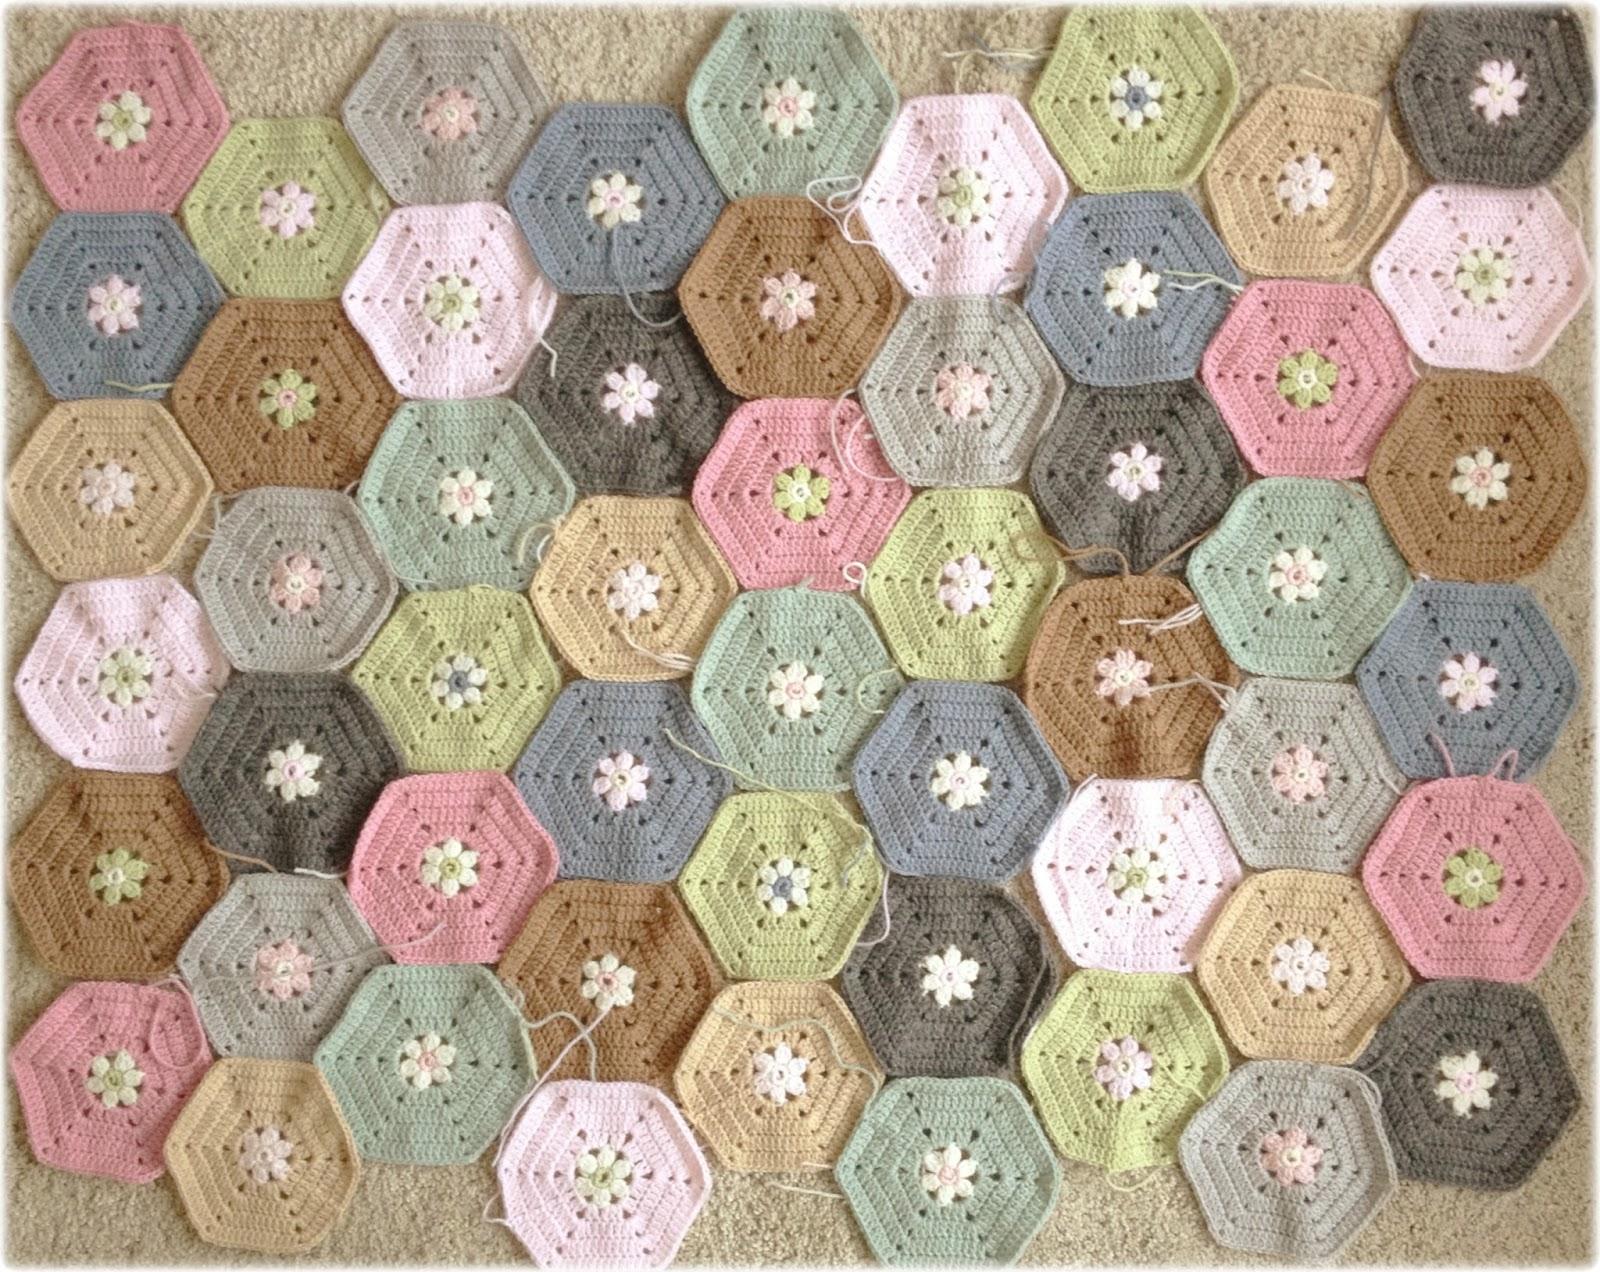 钩花毯子 - 柳芯飘雪 - 柳芯飘雪的博客